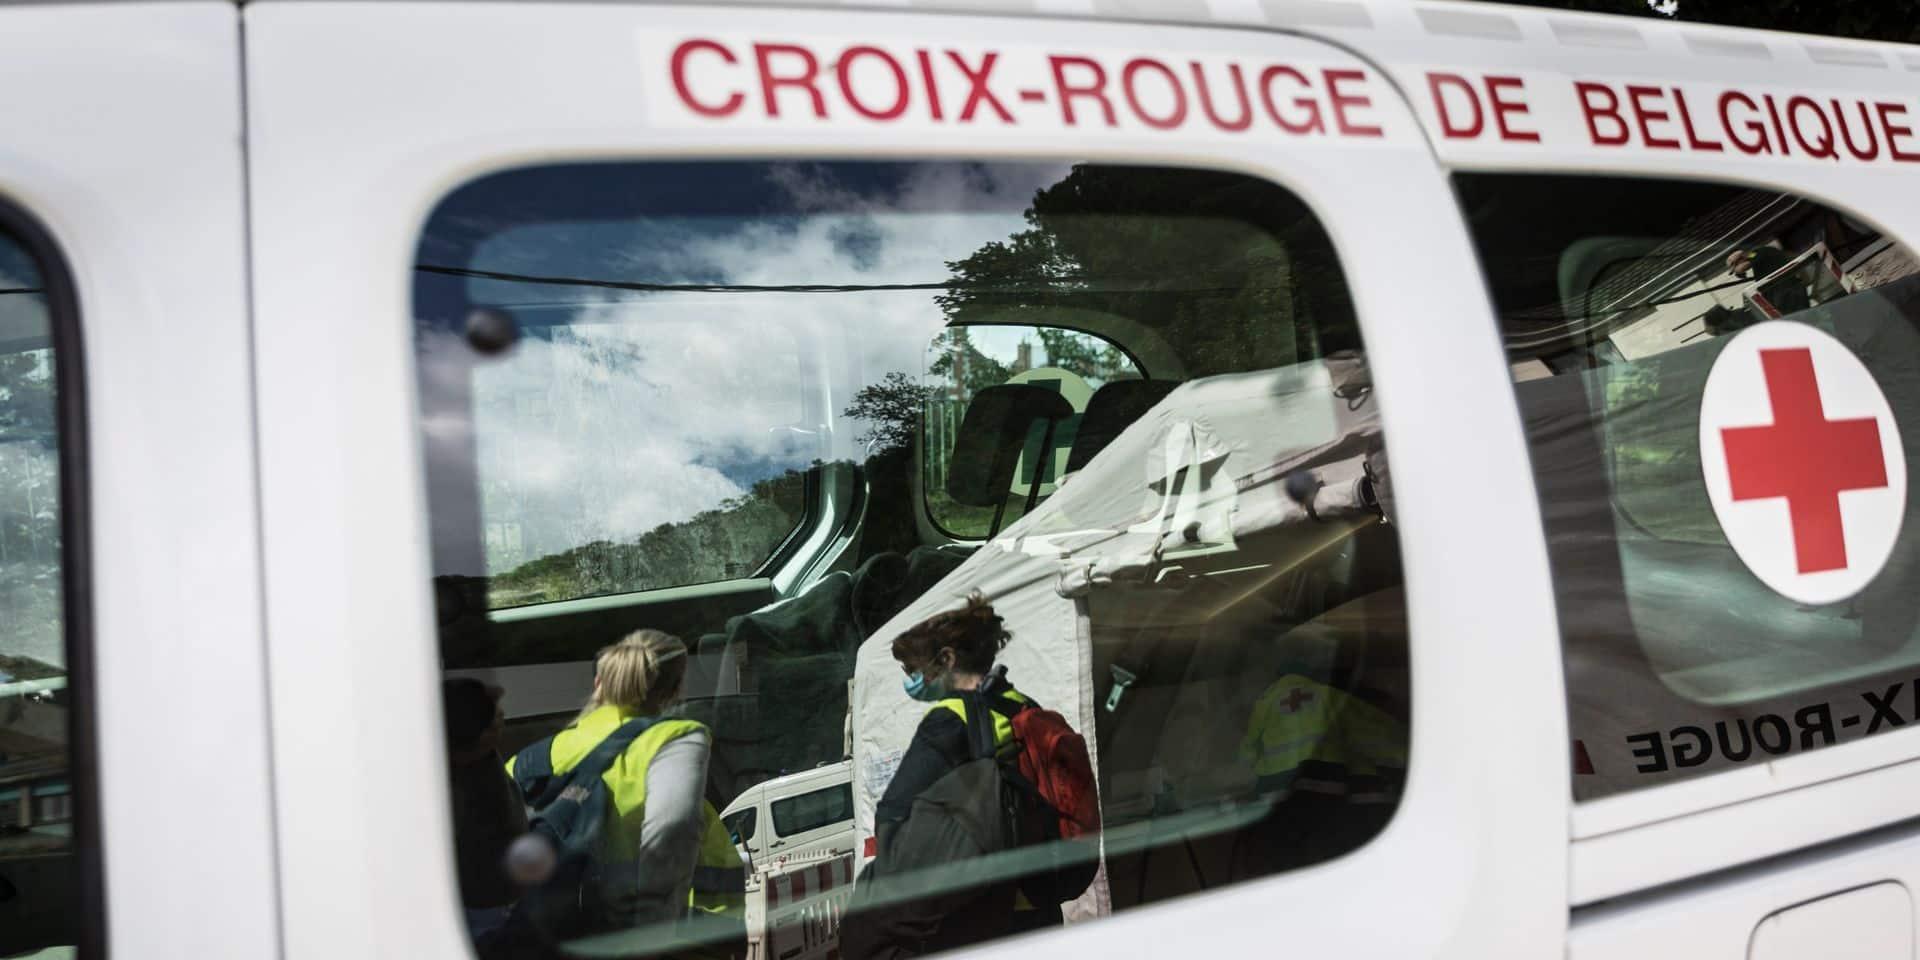 La Croix-Rouge de Belgique consacre 12 millions d'euros pour aider les sinistrés